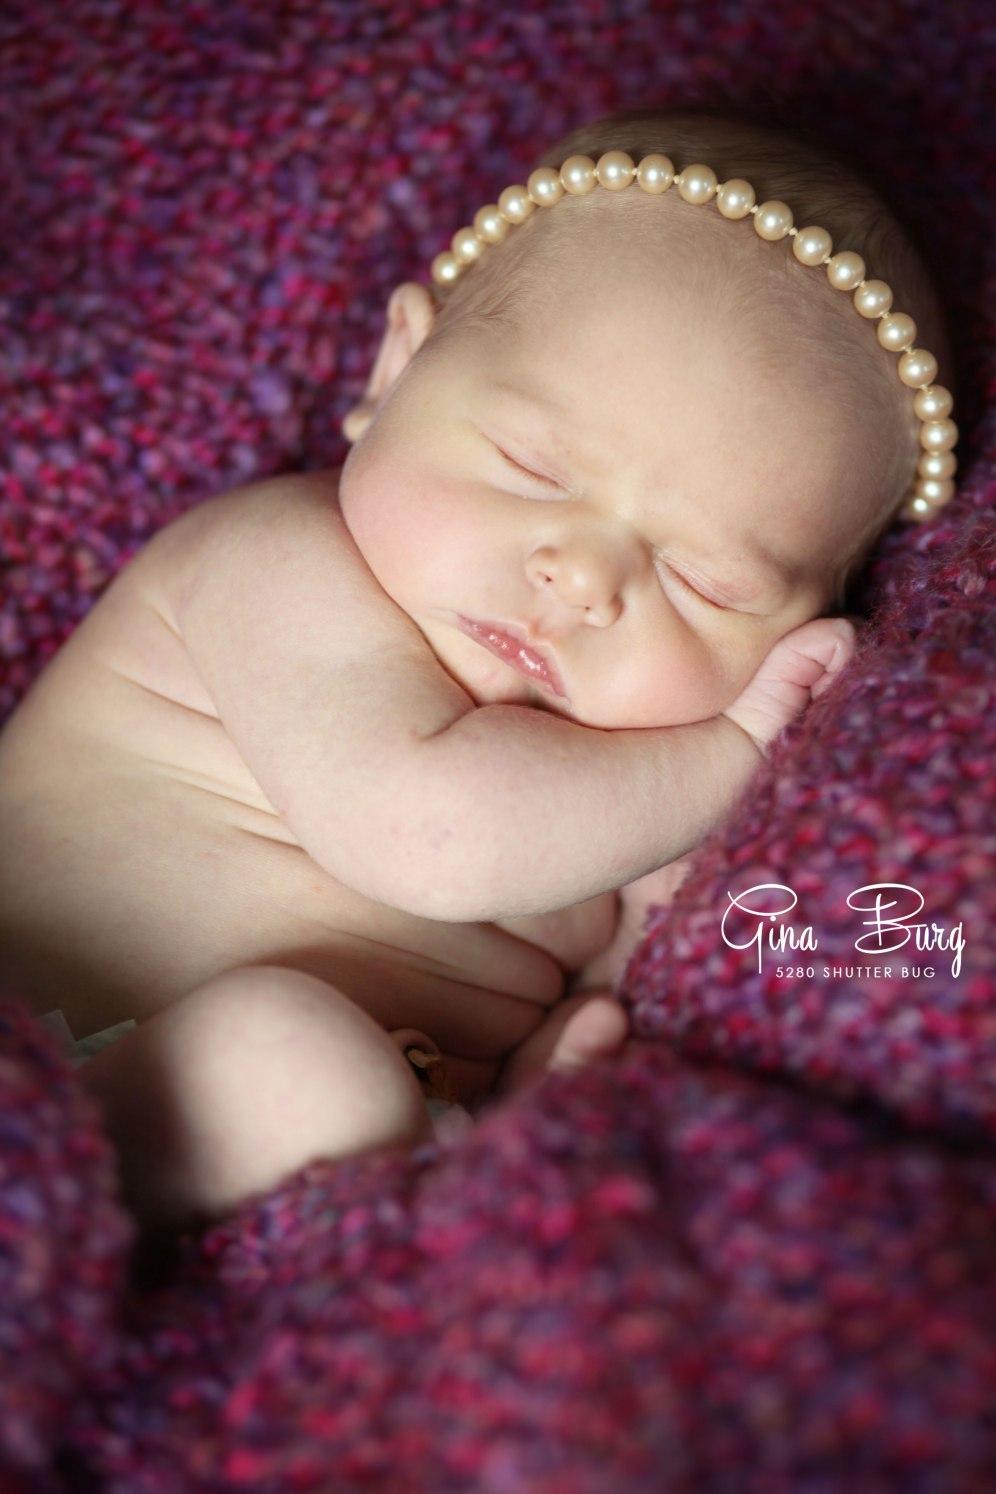 Gina Burg | Newborn Photographer